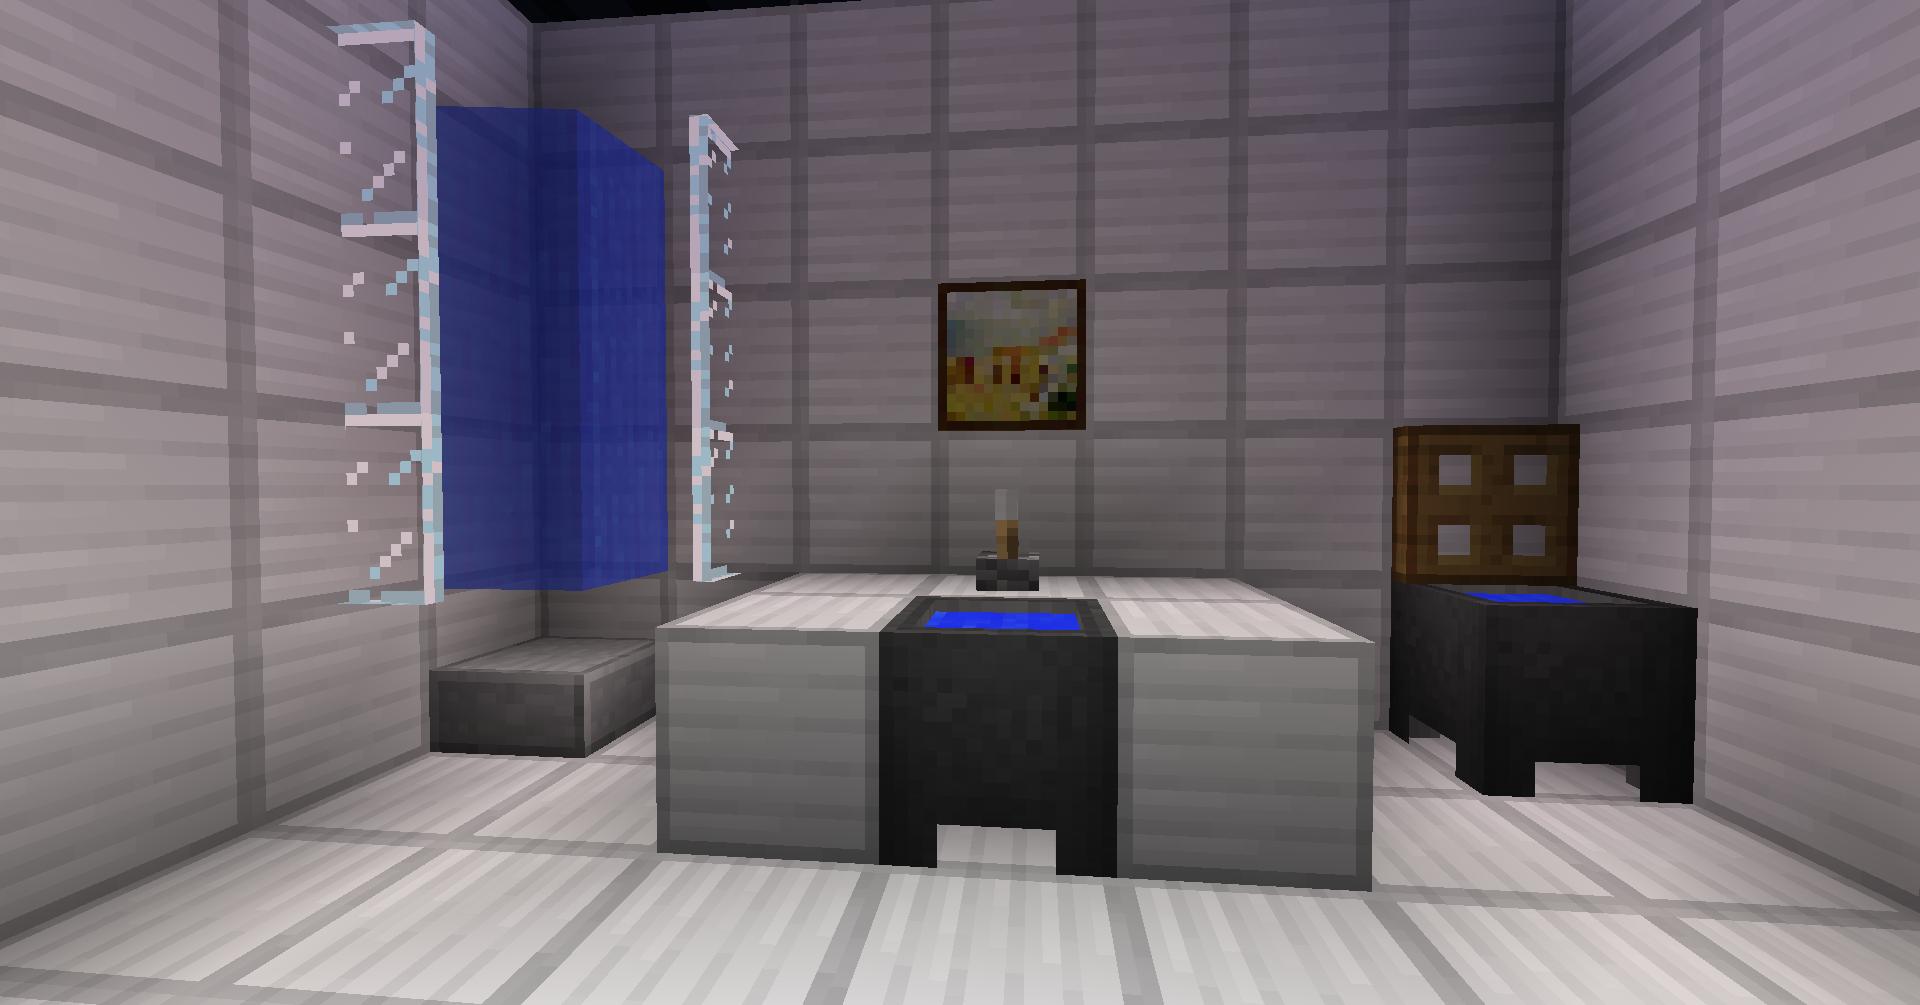 Bathroom Design Minecraft how to make a restroom in minecraft | dance-drumming